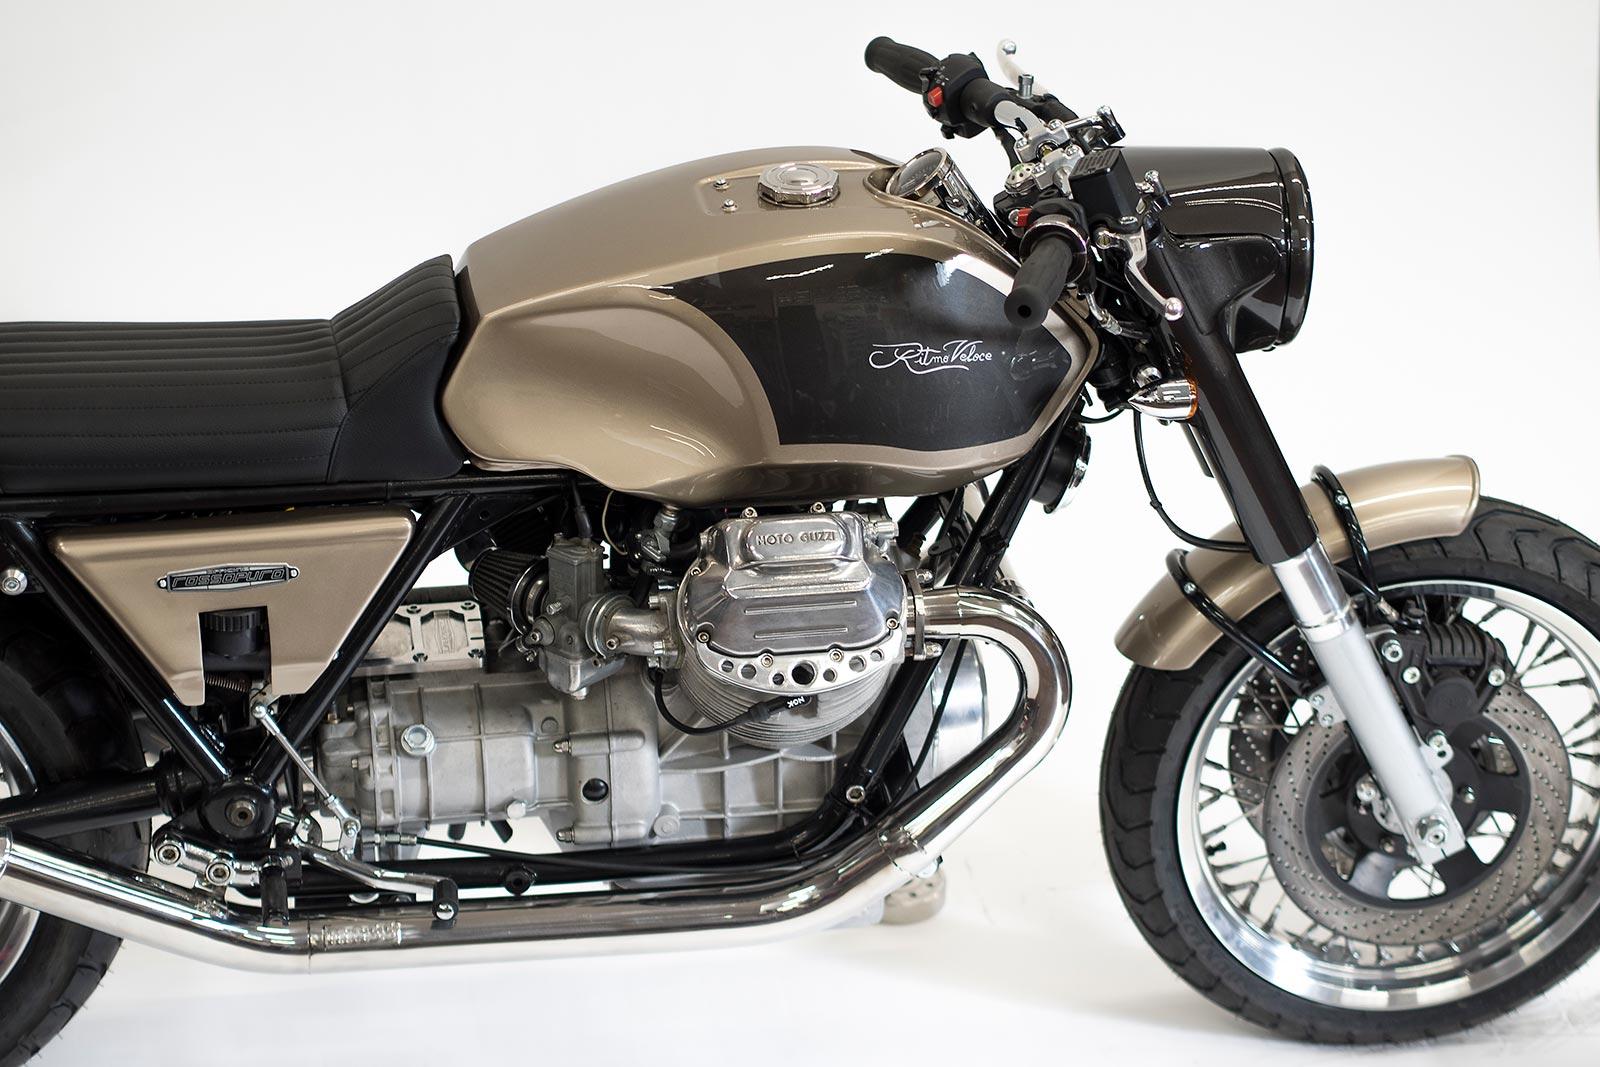 Moto Guzzi Ritmo Veloce by Officine Rossopuro (8)